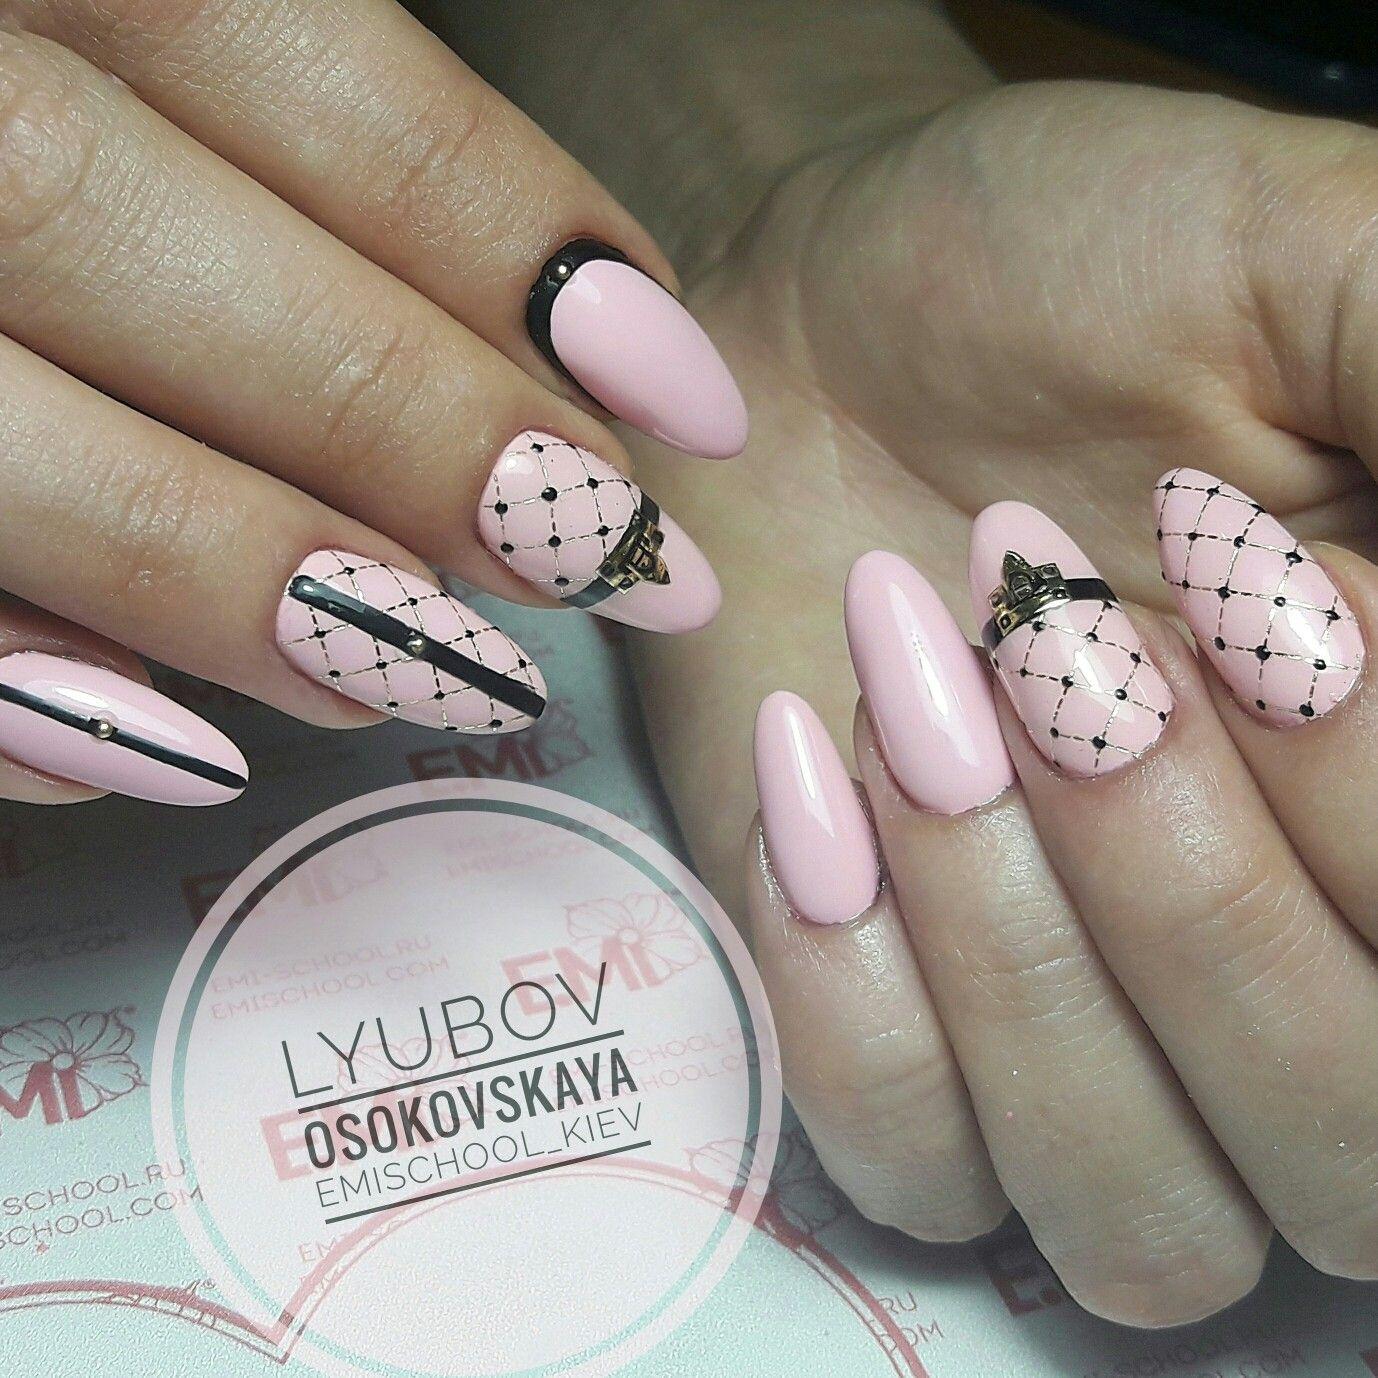 Pin von Jasminka Cecconi auf Nails | Pinterest | Nageldesign ...